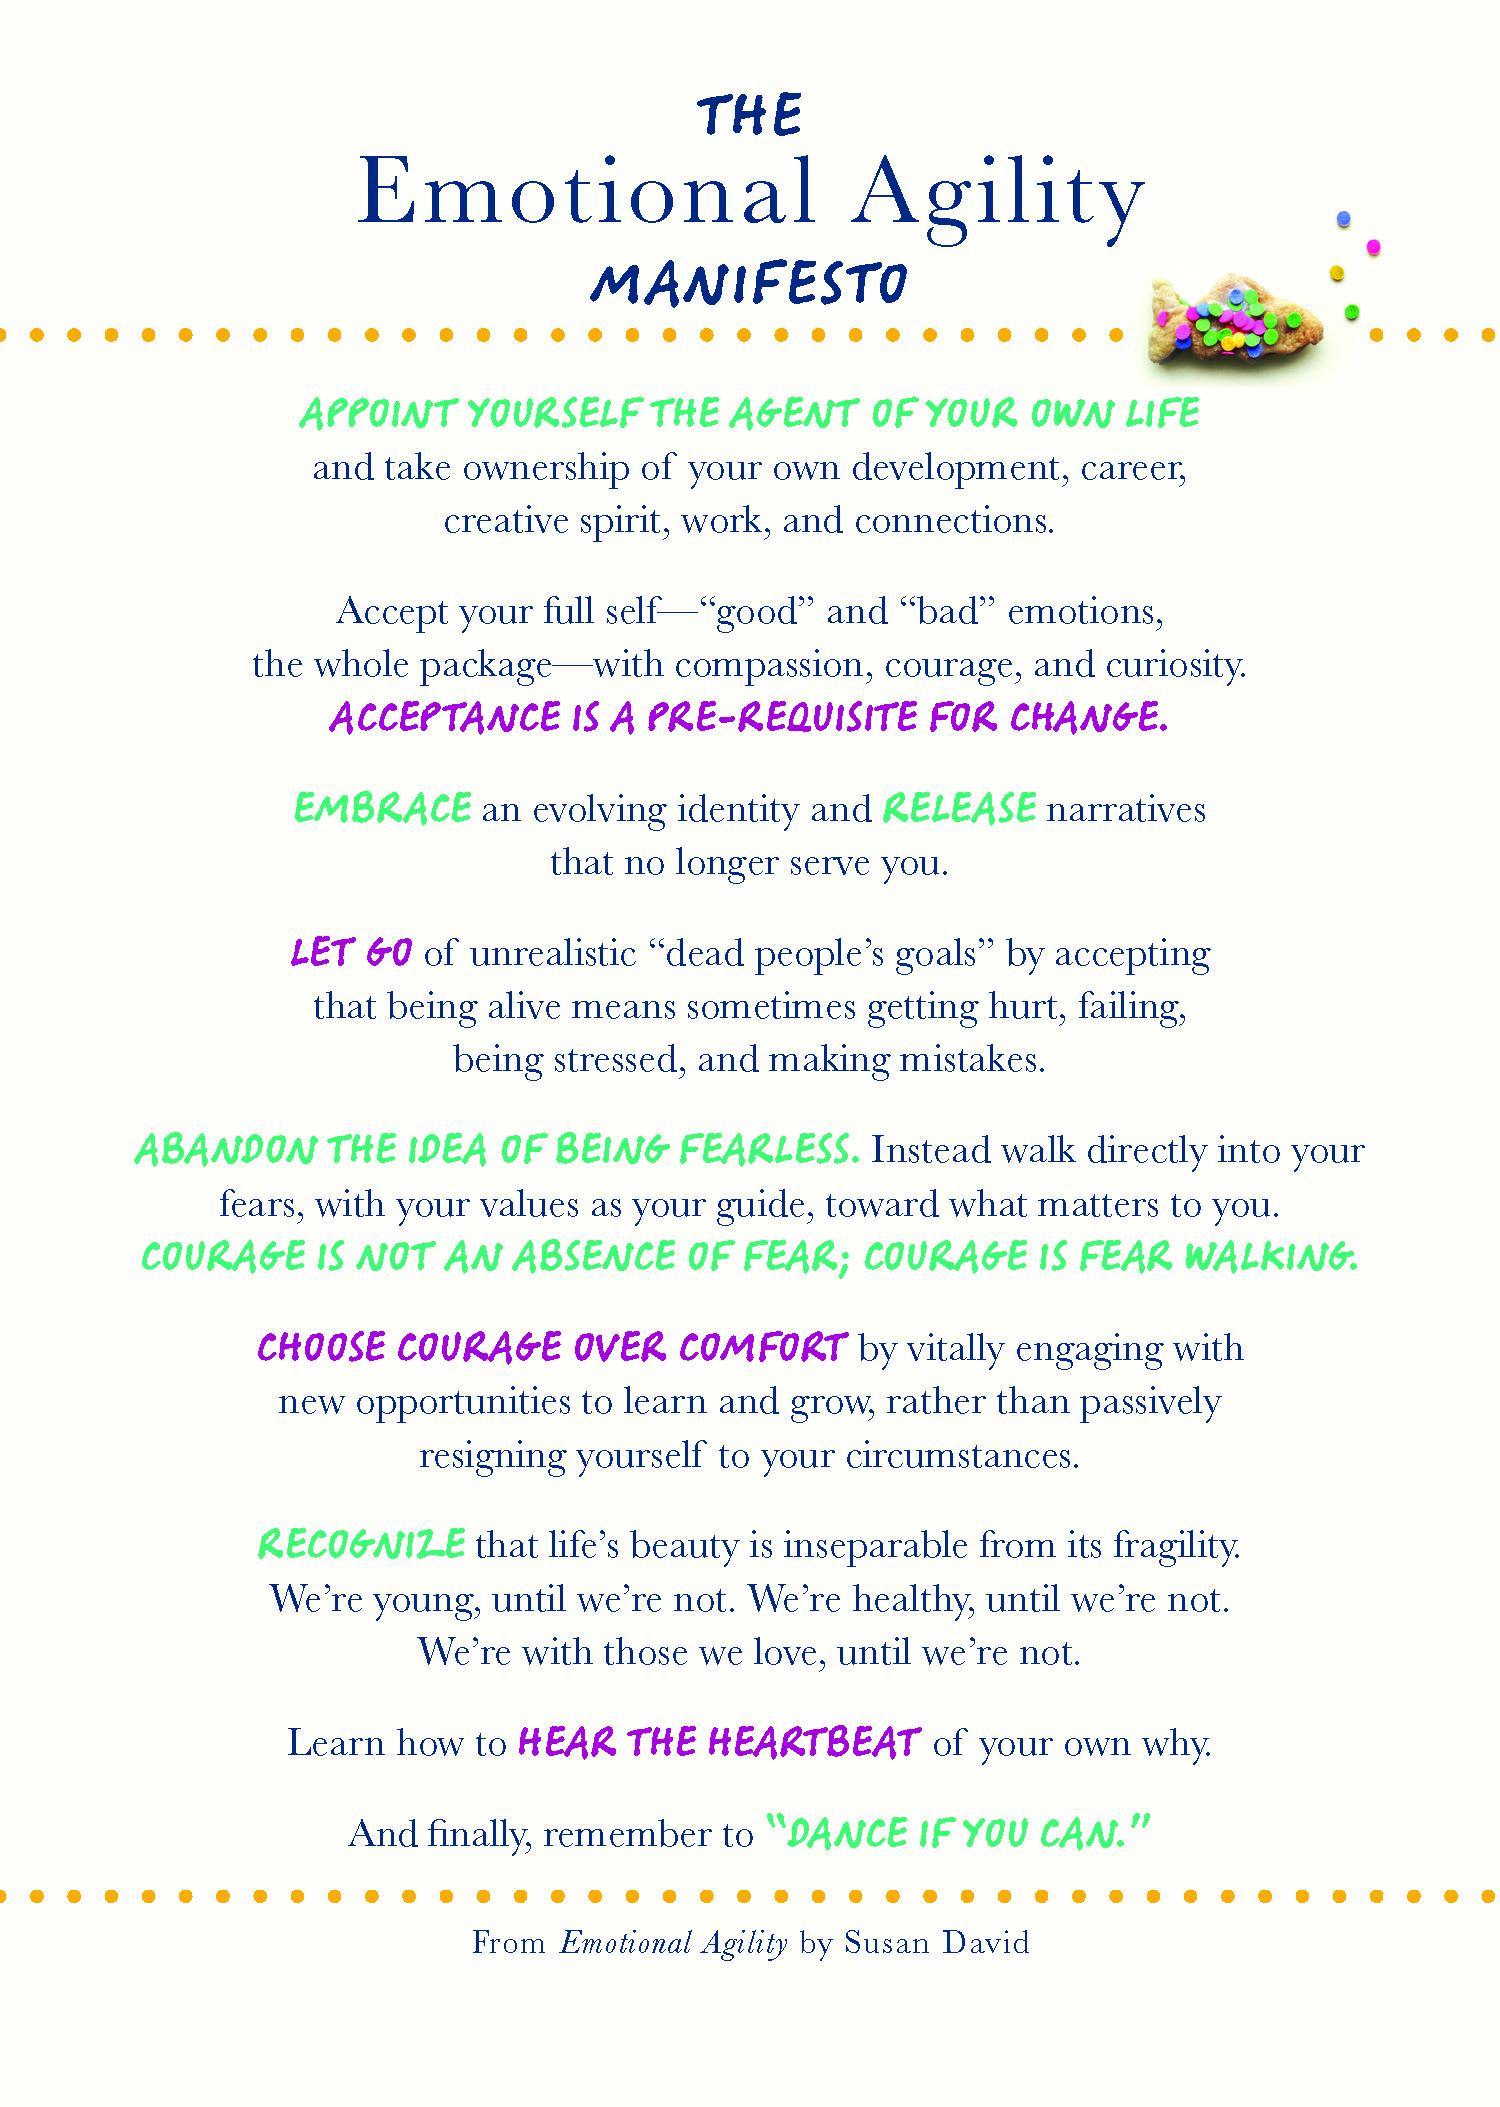 Emotional Agility Postcard_RVSD V2_Page_1.jpg